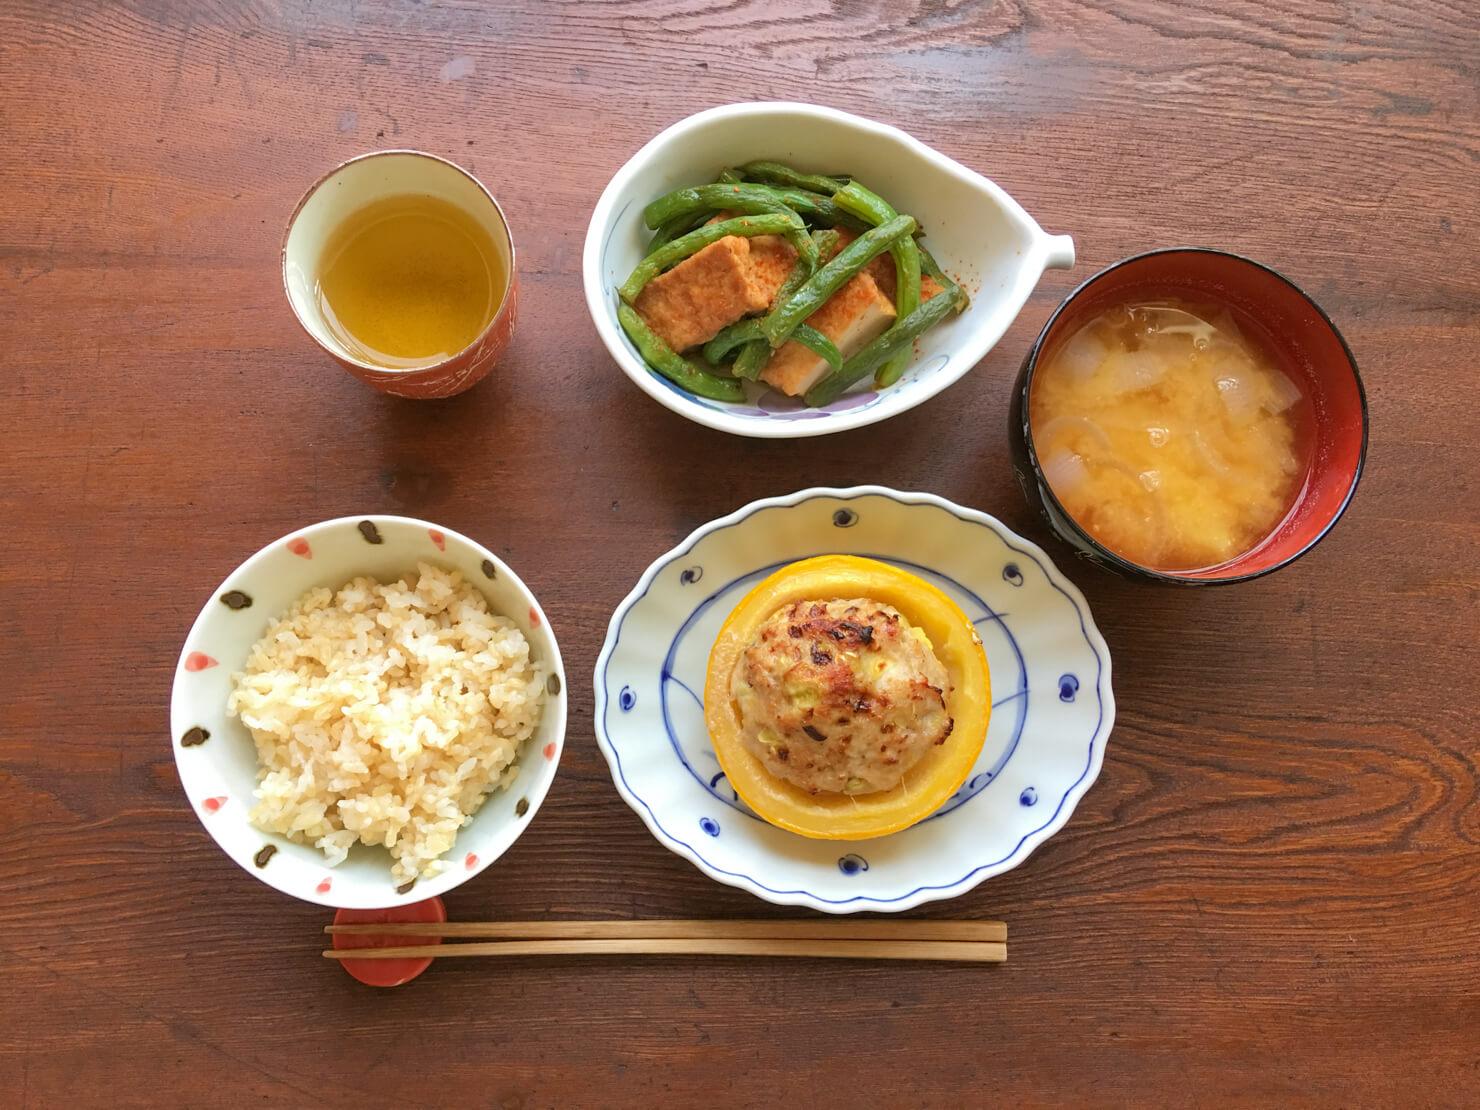 丸ズッキーニの肉詰め焼き中心の夕食の写真